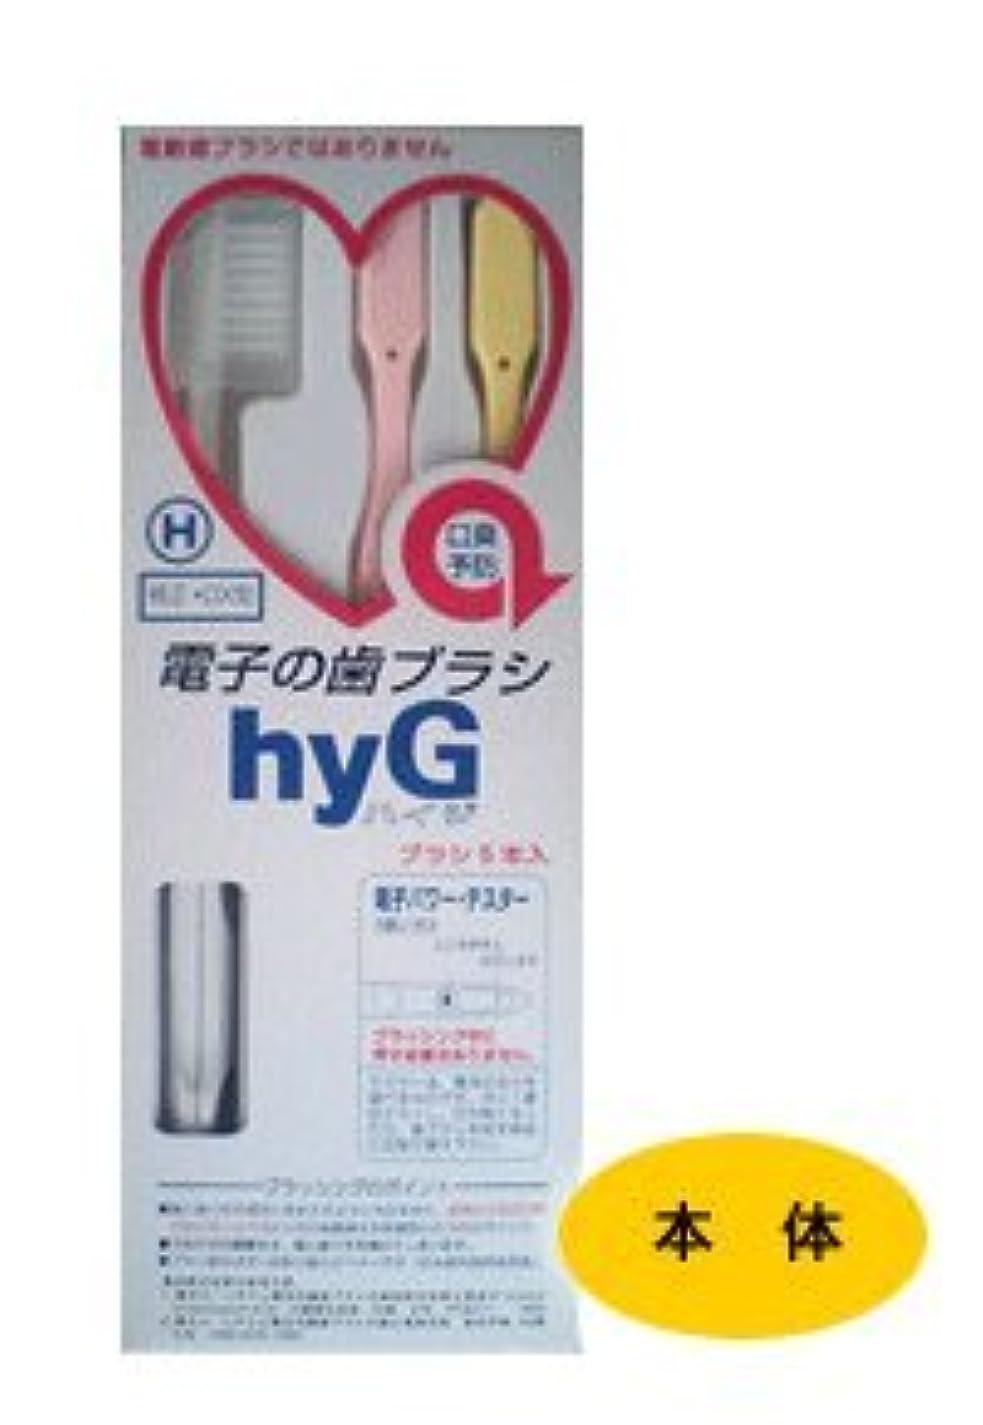 気取らないそのジョブ電子の歯ブラシ ハイジ(hyG) 本体 H(ハード) 【純正?DX型】